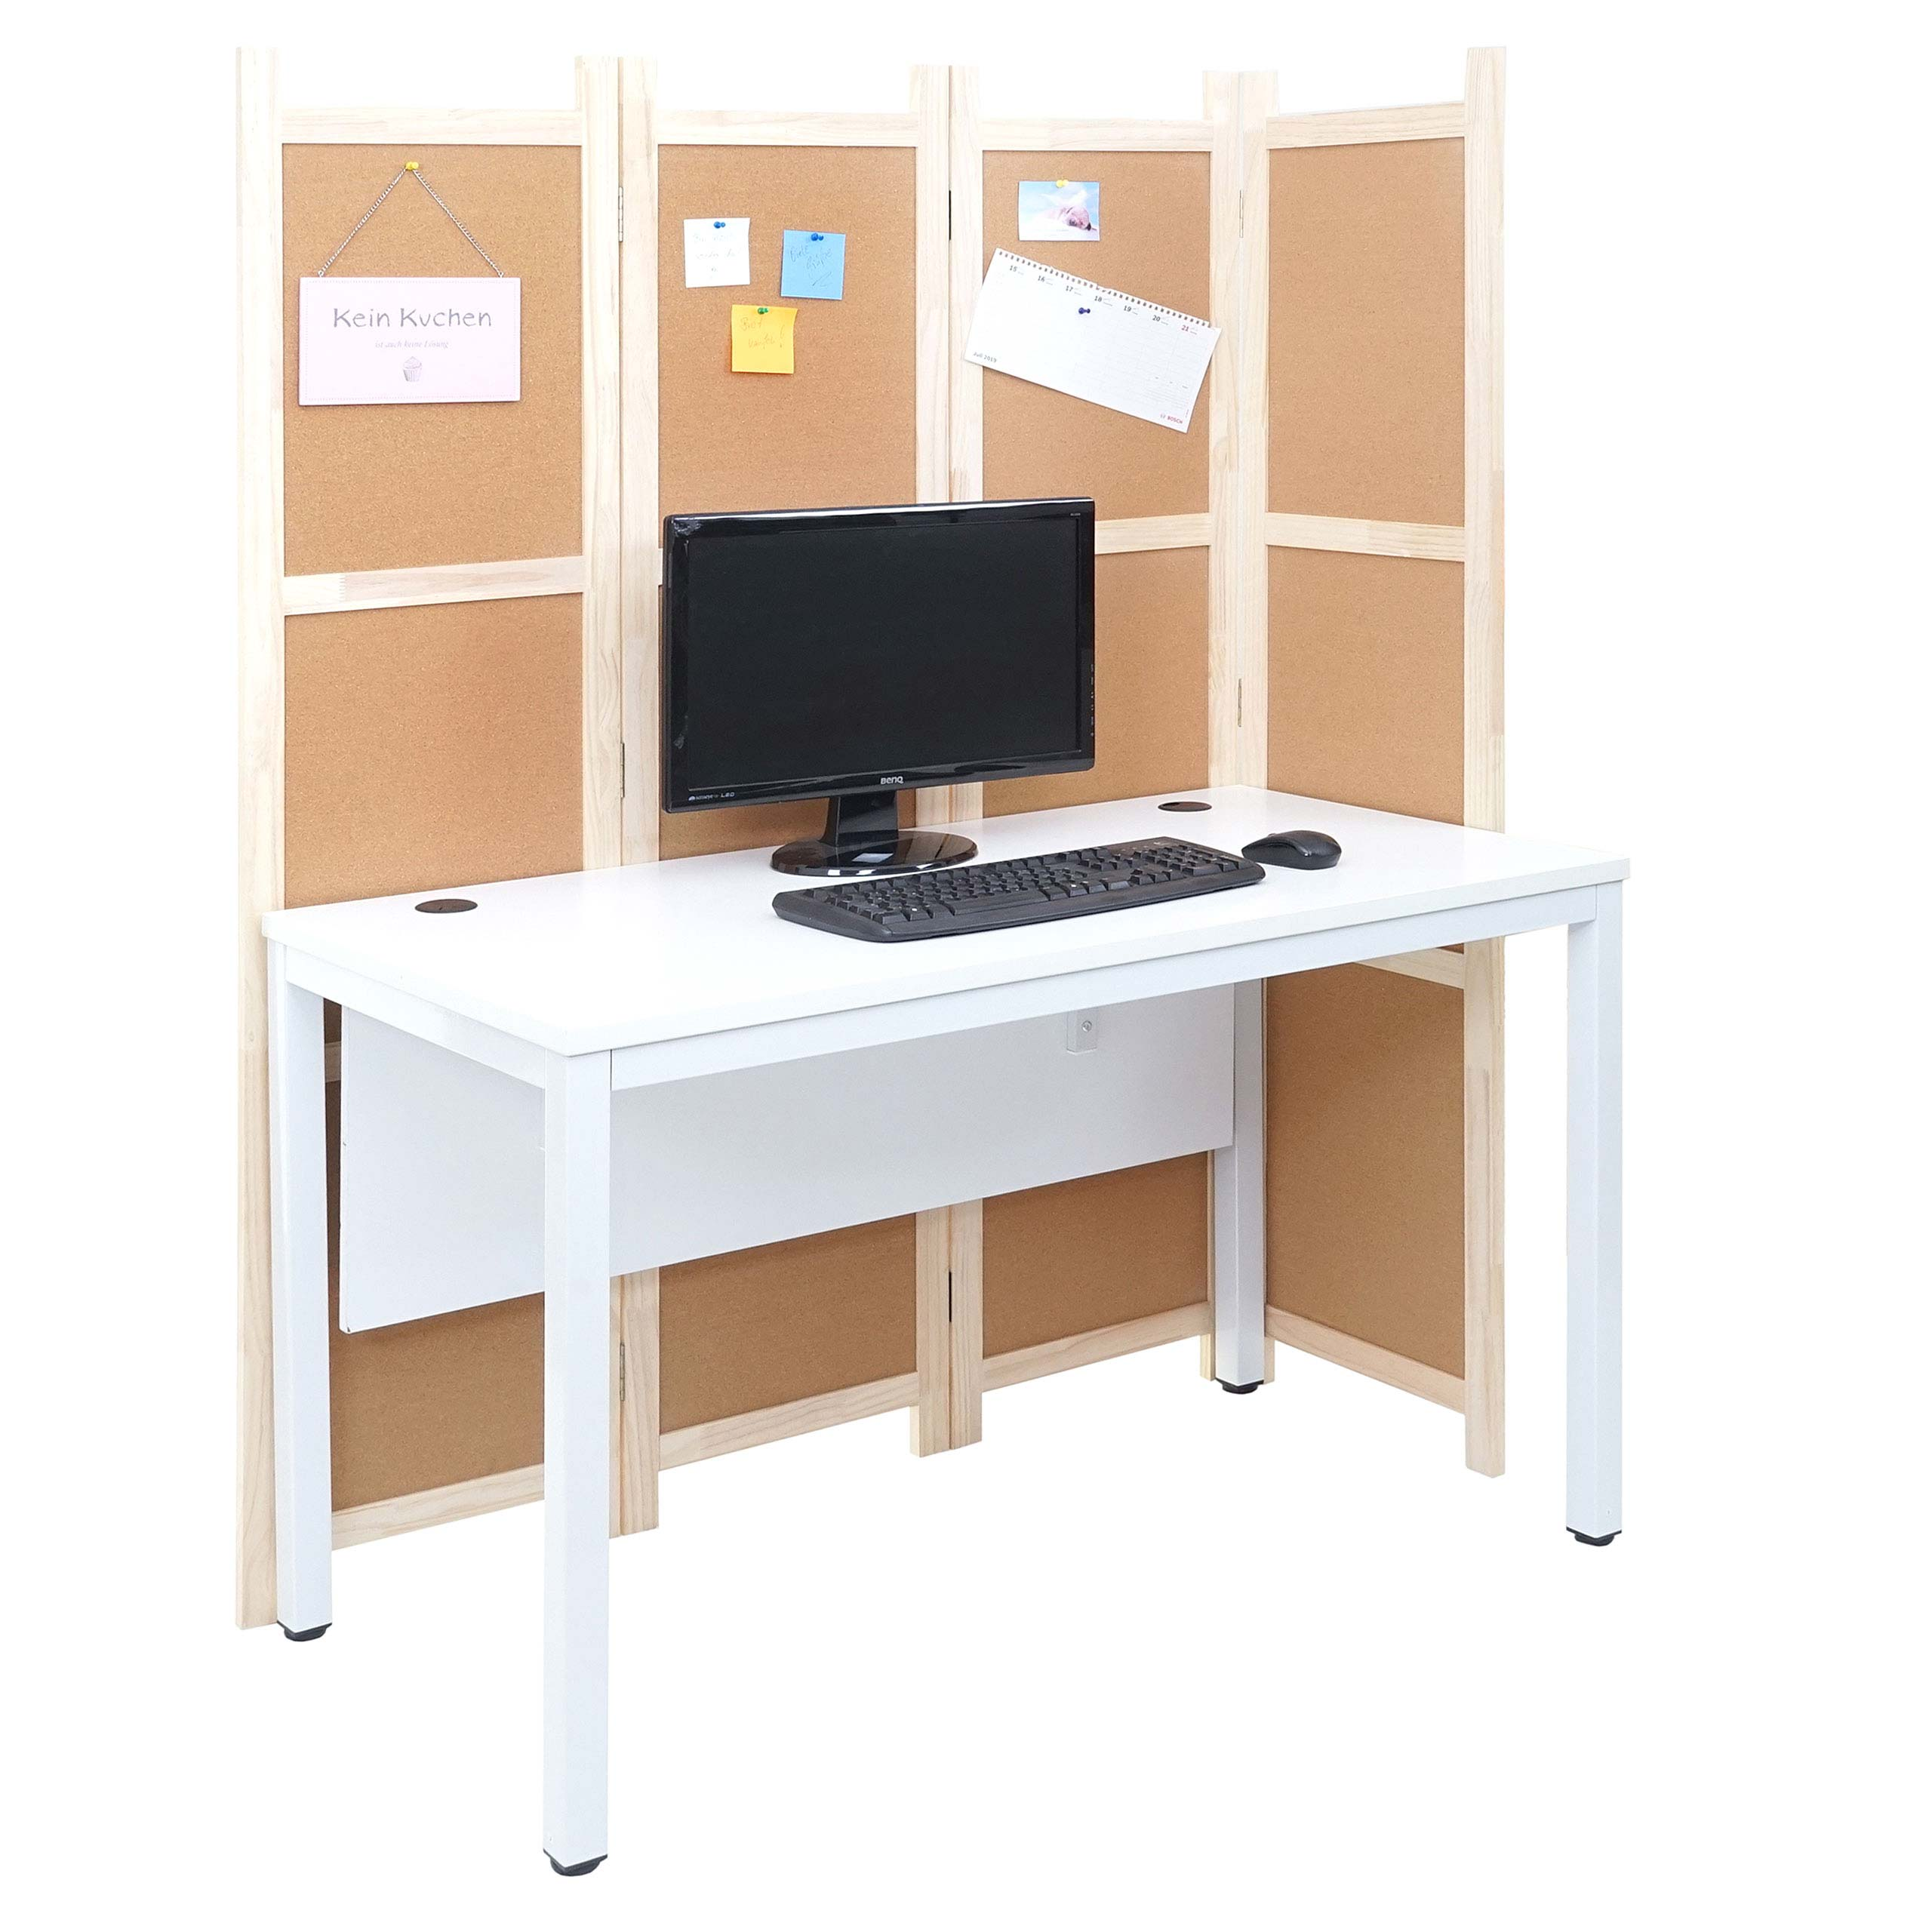 Mendler Schreibtisch HWC-E94, Bürotisch Computertisch mit Trennwand Pinnwand Sichtschutz ~ Variantenangebot 69172+69454